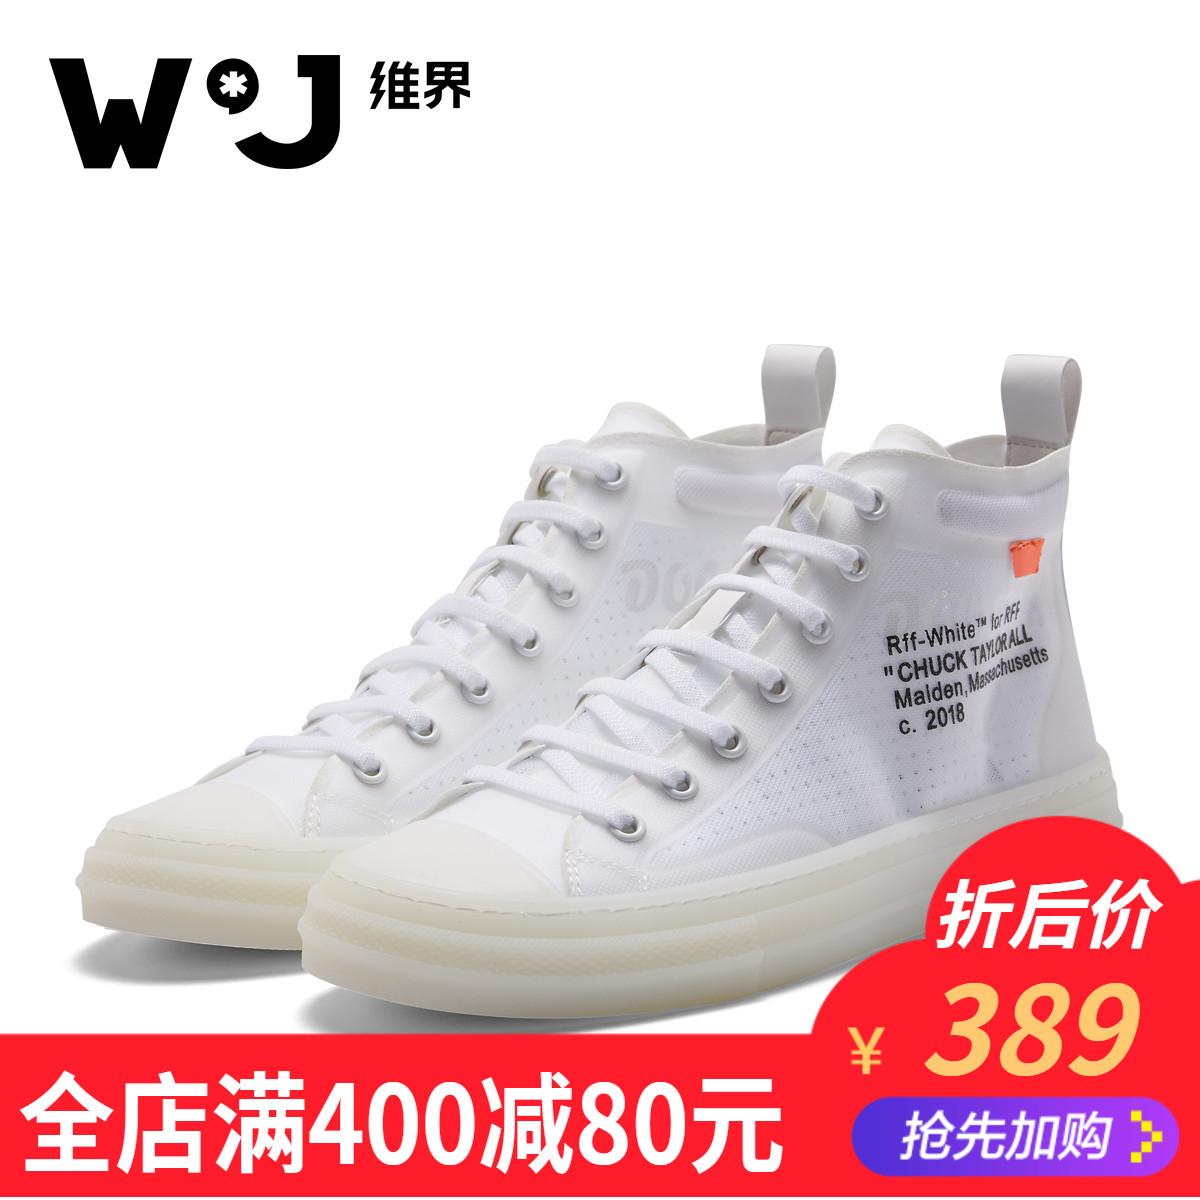 维界2018新款小白鞋男韩版透气高帮帆布鞋男士休闲鞋男系带鞋子男